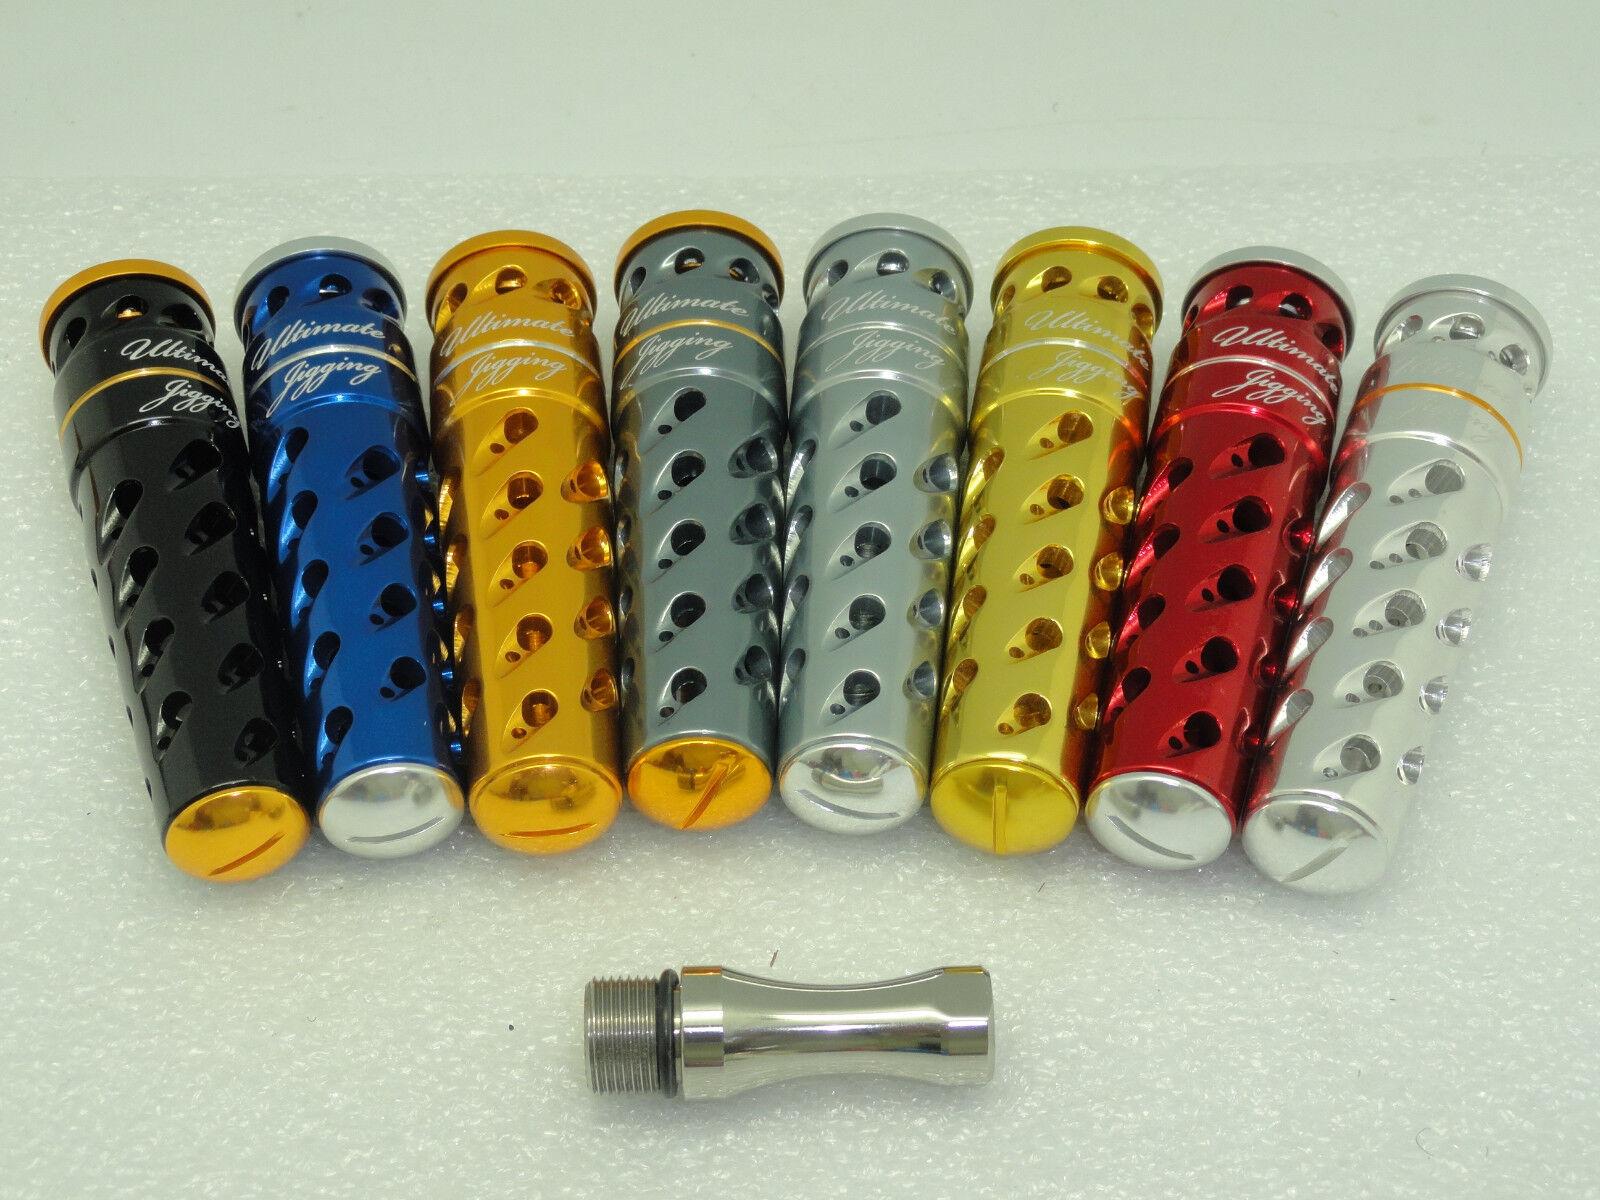 UJ UJ UJ T092A T-BAR handle knob direct fit Avet SX MX JX LX HX MC Raptor reel BLK/SVR 95e4d7